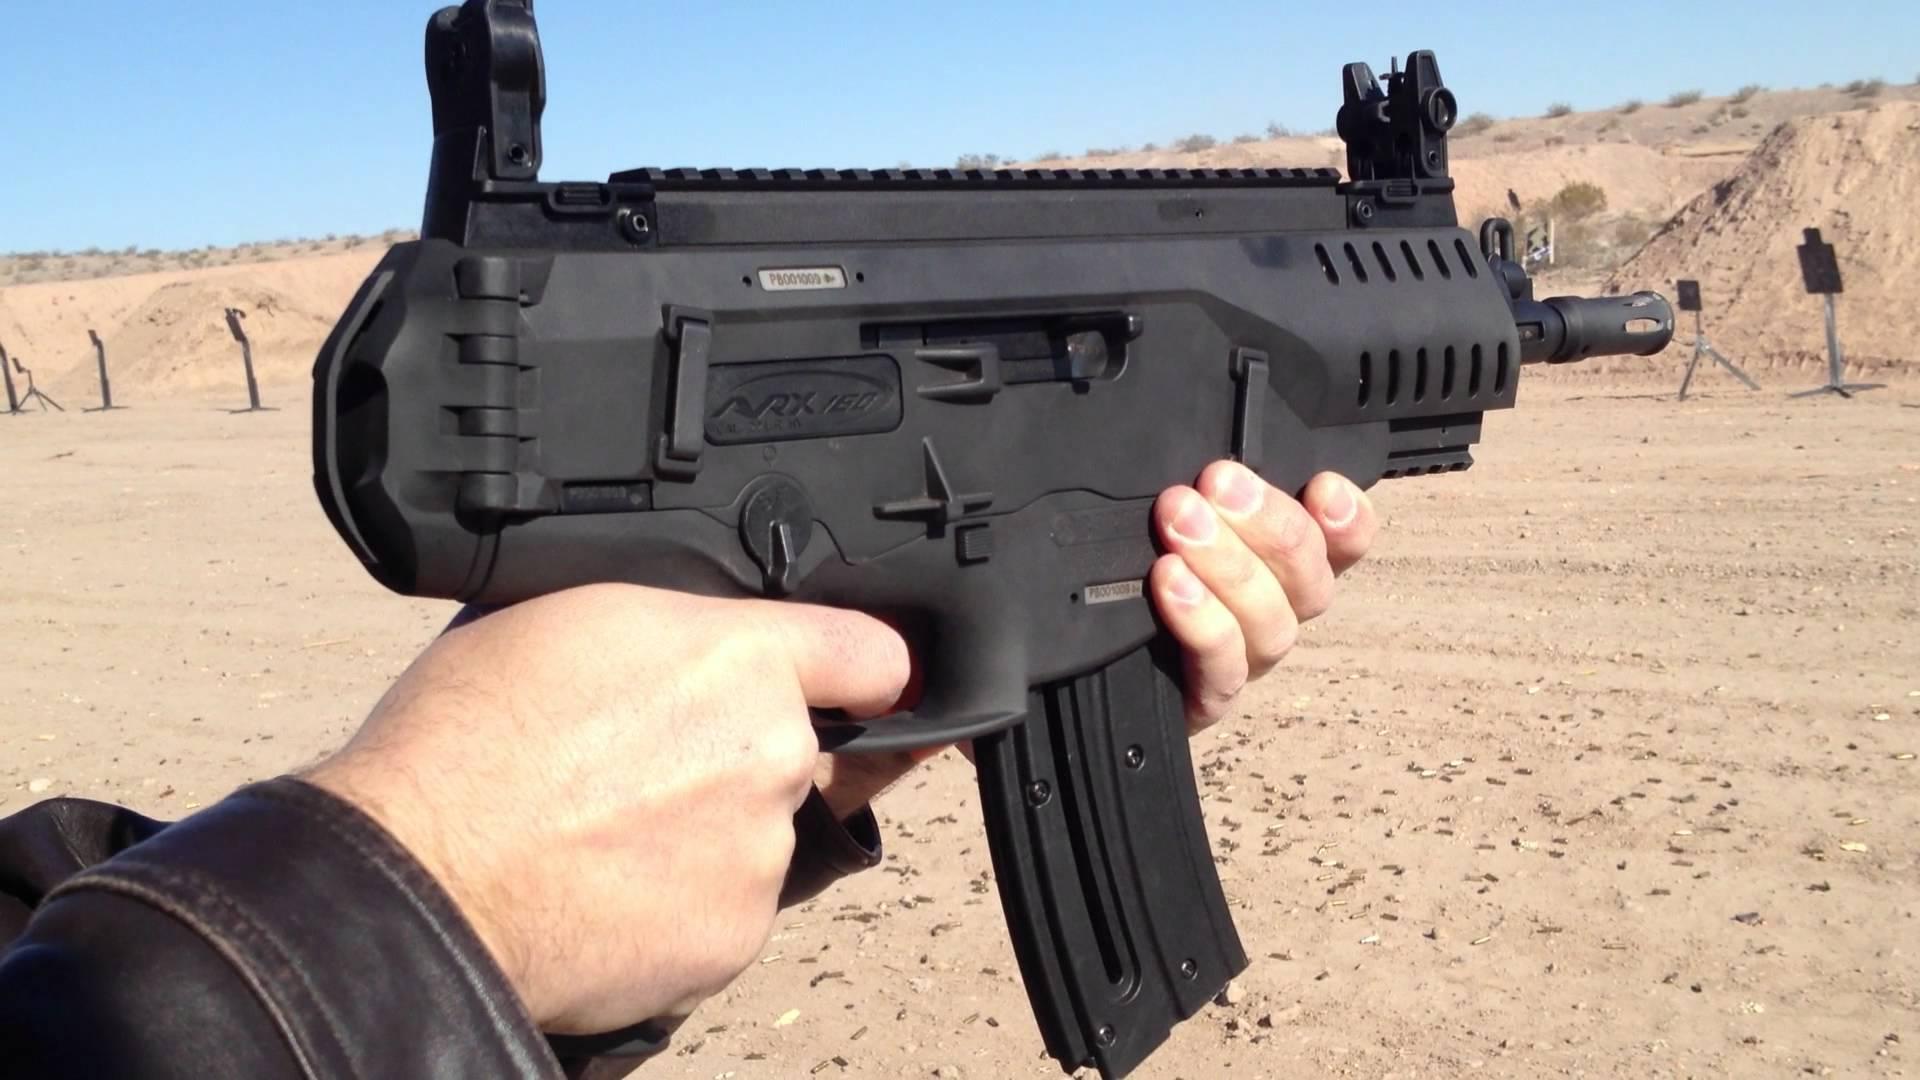 arx 160 pistol pistola .22 LR